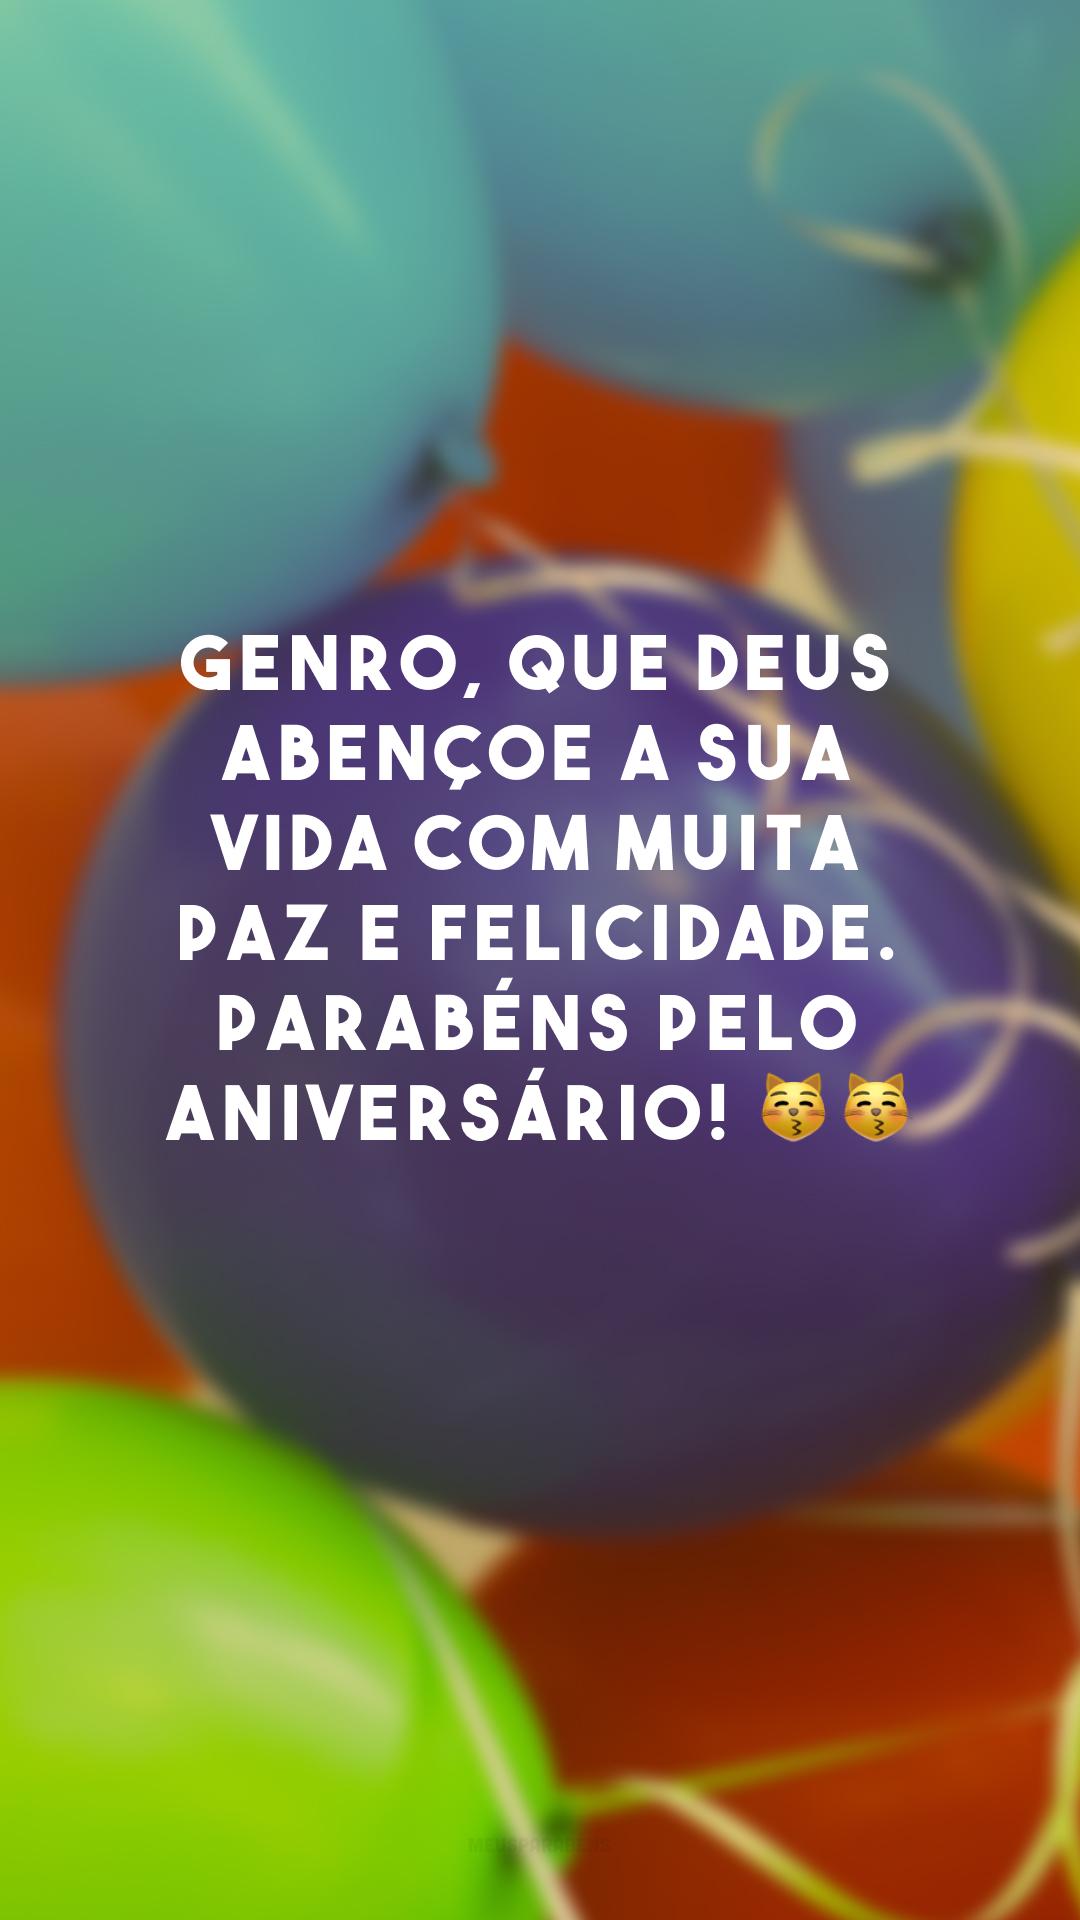 Genro, que Deus abençoe a sua vida com muita paz e felicidade. Parabéns pelo aniversário! 😽😽